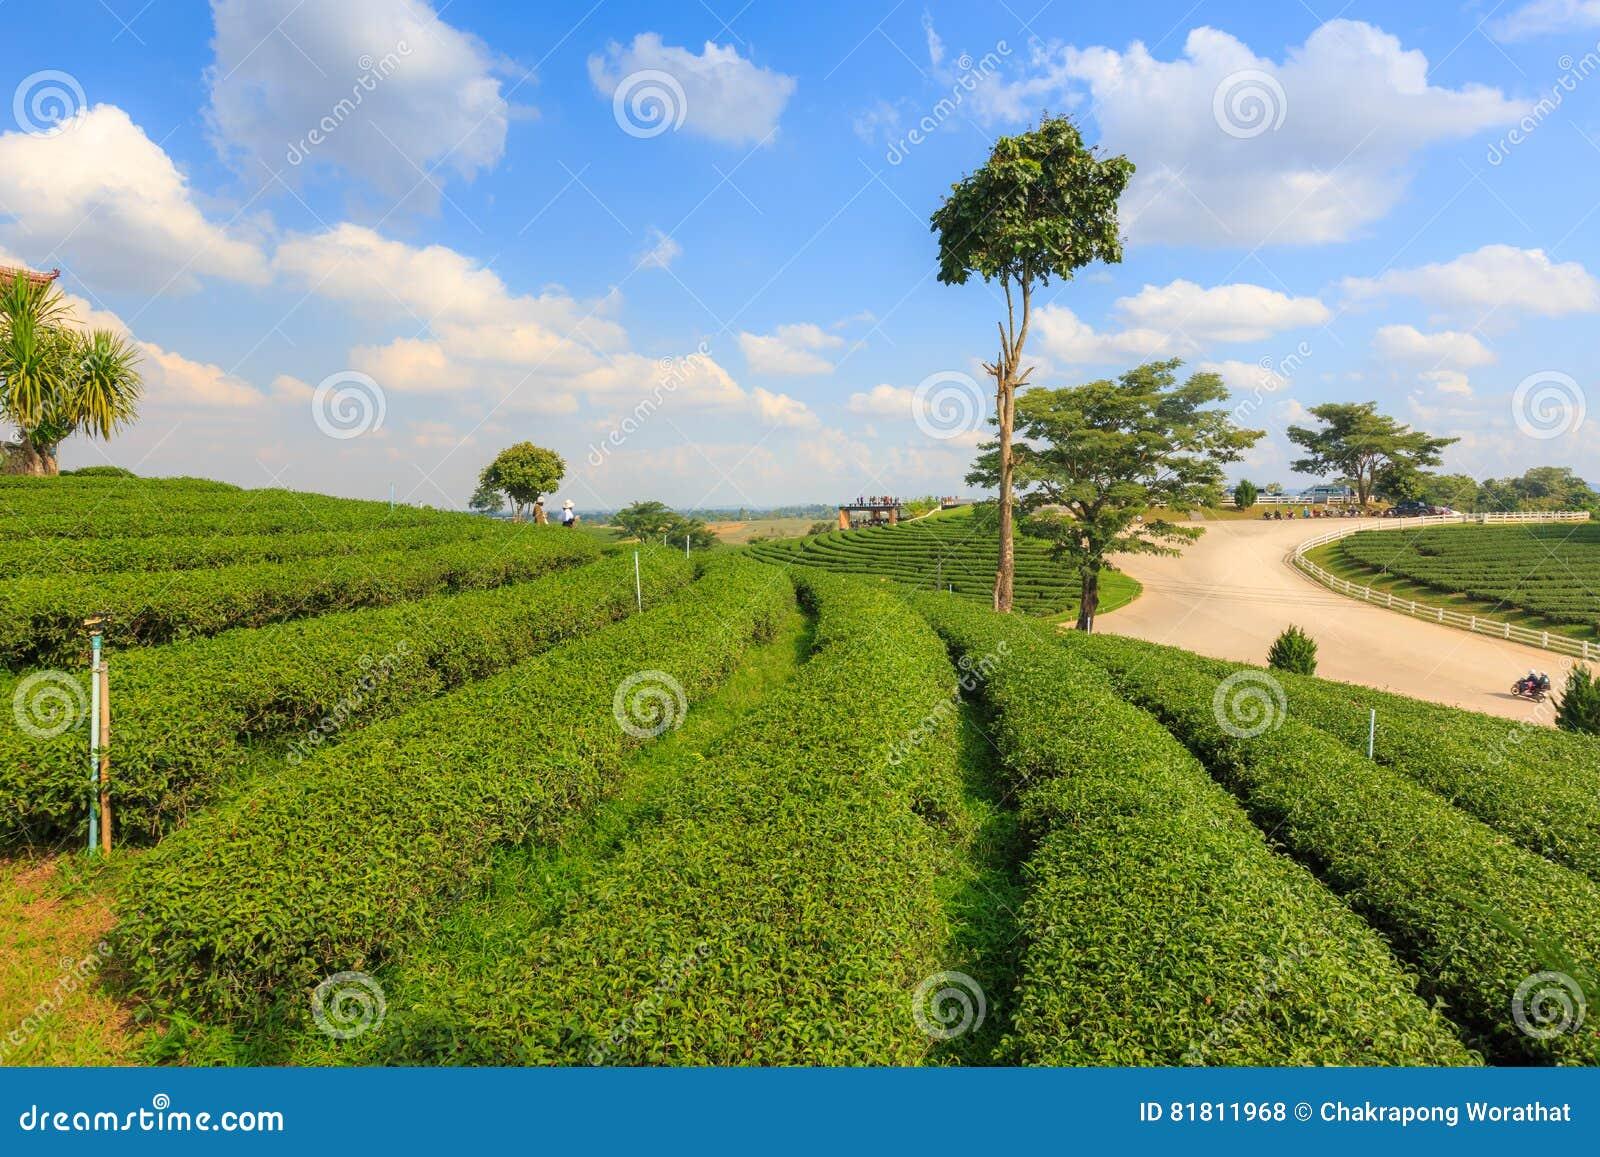 Ландшафт сада плантации зеленого чая, культивирование холма